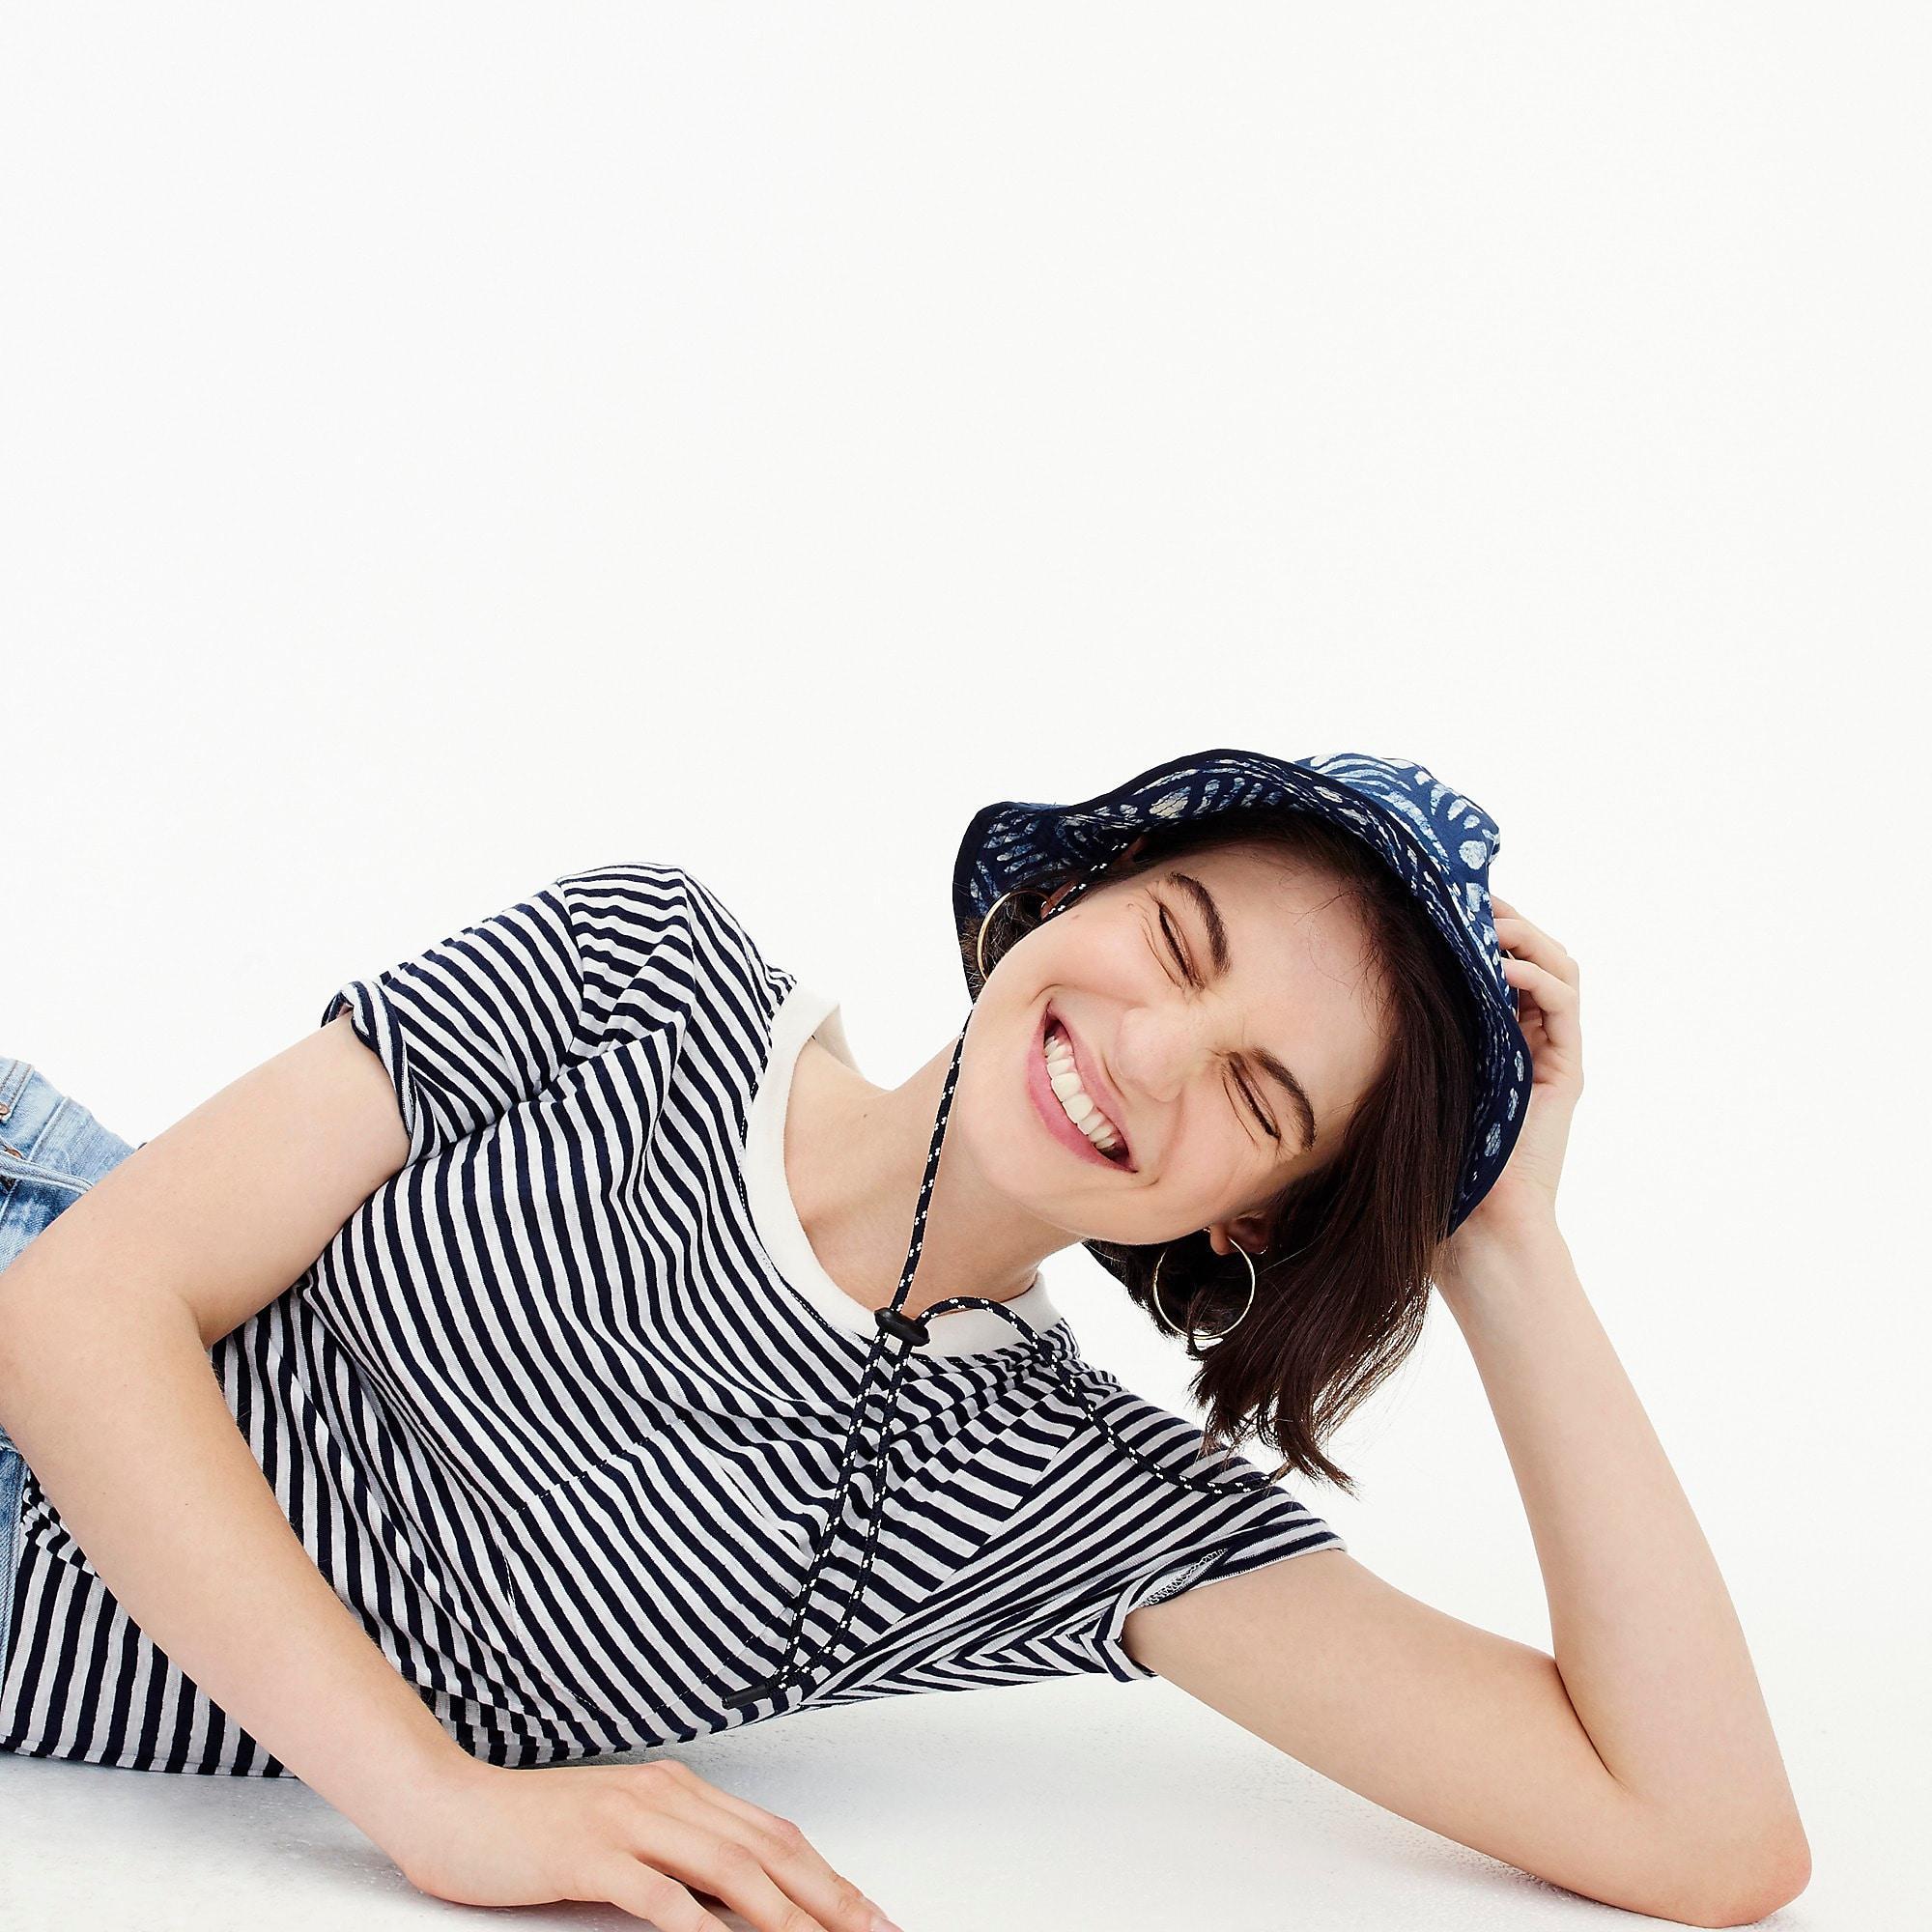 Lyst - J.Crew Pocket T-shirt Bodysuit In Stripe in Blue 9087bfd81